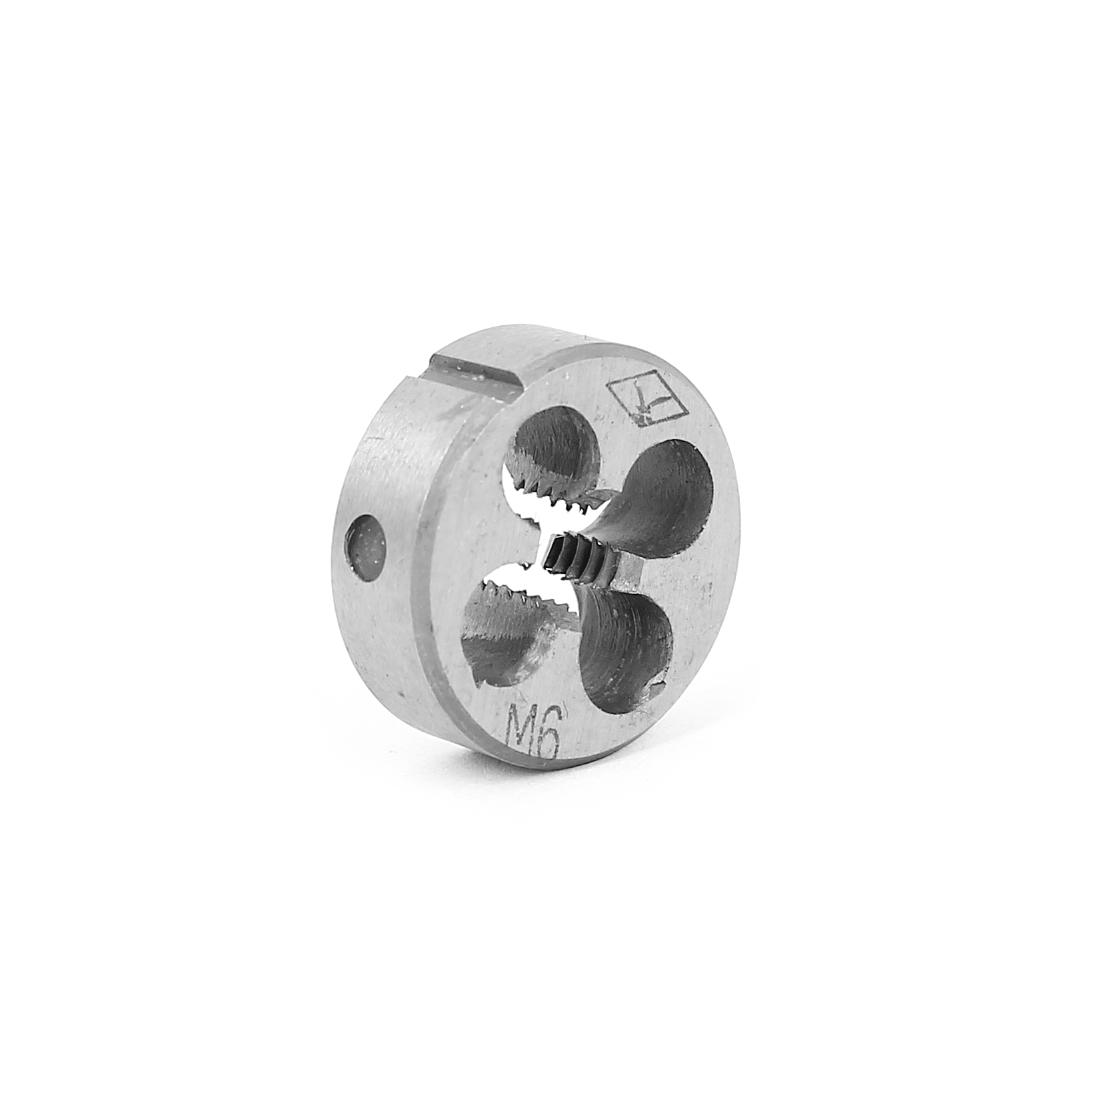 M6 x 1mm 20mm OD Adjustable NPT Pipe Taper Round Split Threading Thread Die